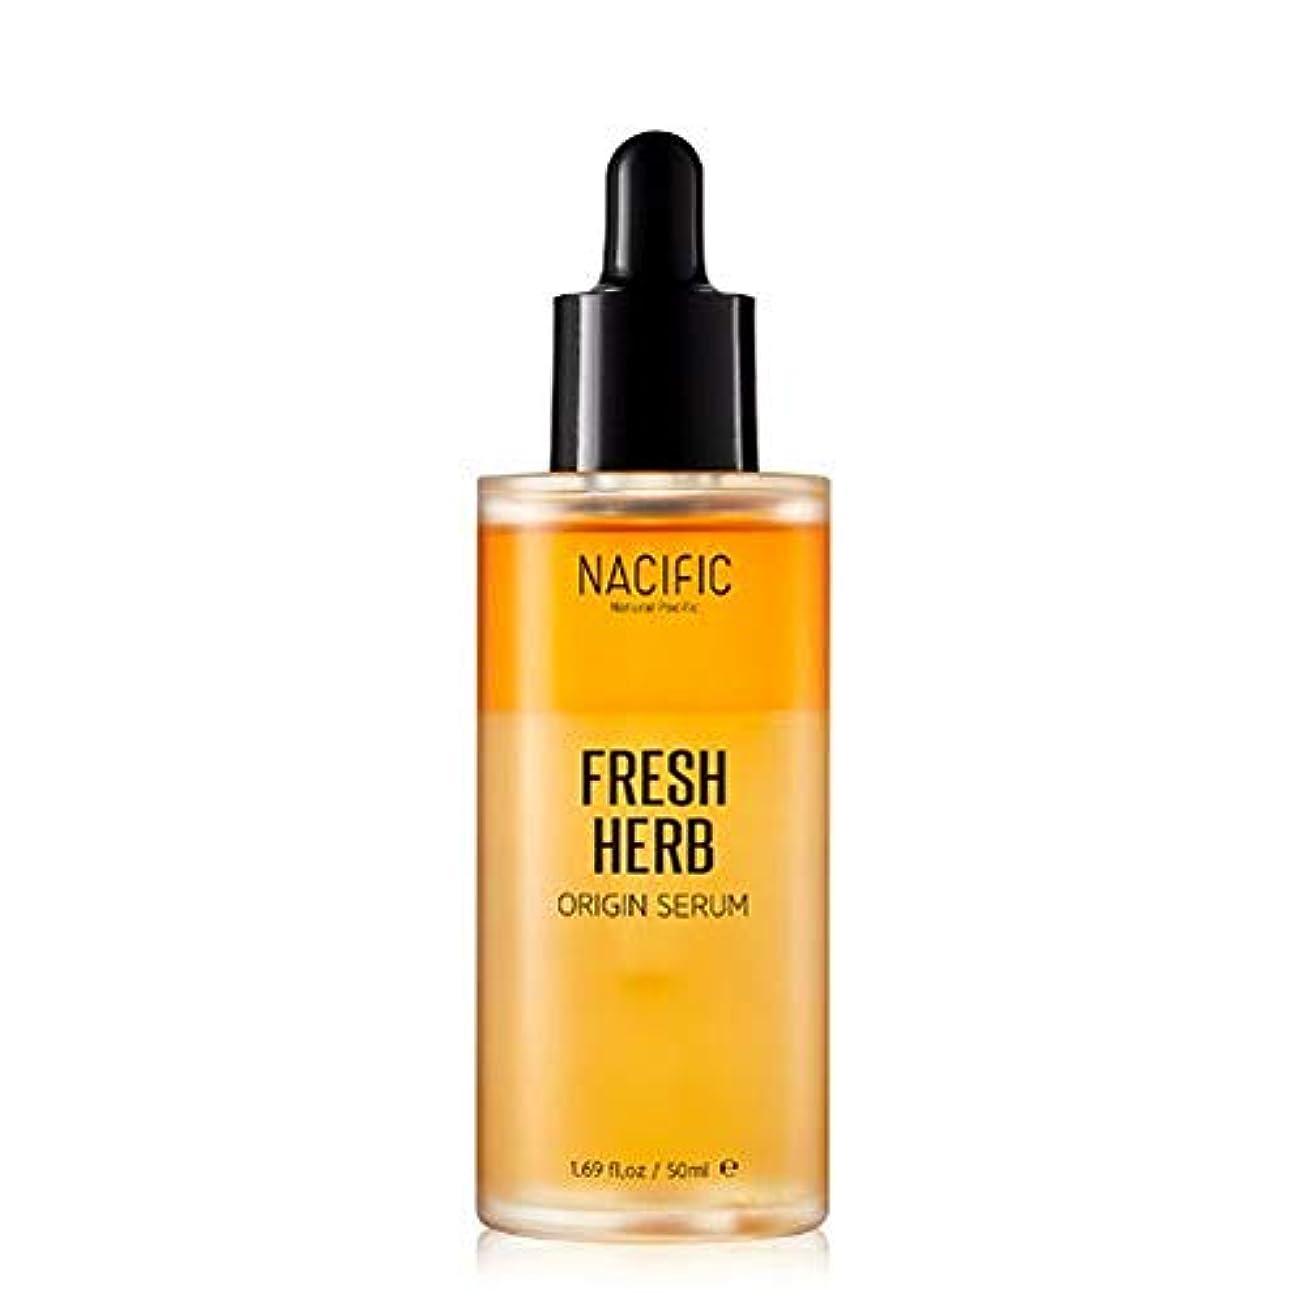 レクリエーション委任後悔[NACIFIC/ナシフィック] Fresh Herb Origin Serum 50ml/フレッシュ ハーブ オリジン セラム 50ml ヨックセラム 韓国コスメ 韓国 [並行輸入品]